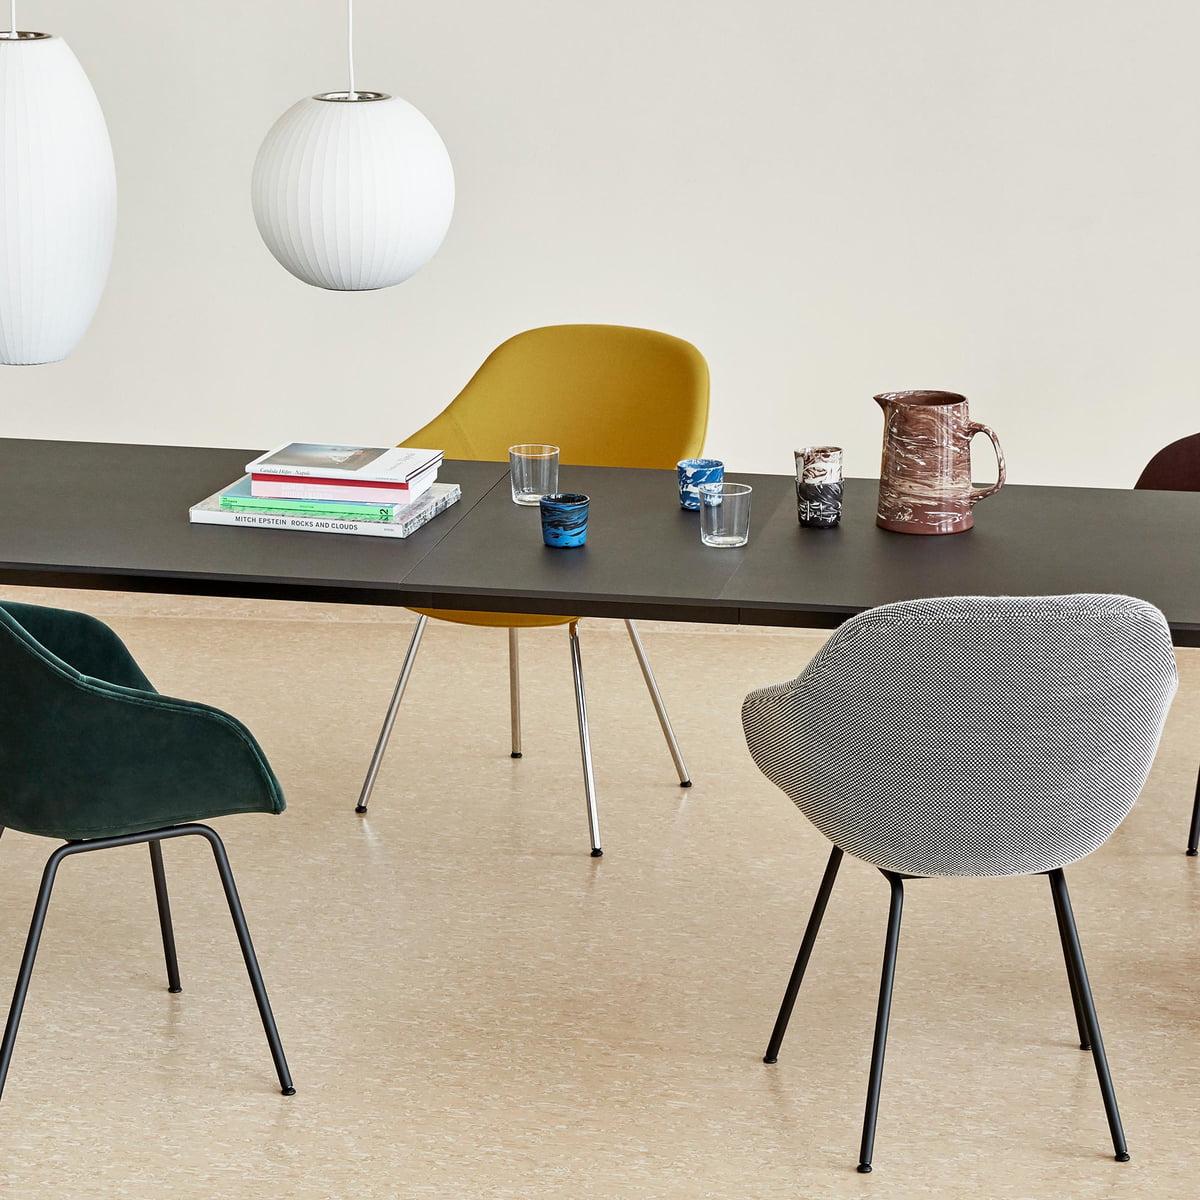 Full Size of Stühle Esstisch Holzplatte Esstischstühle 160 Ausziehbar Runde Esstische Designer Lampen Rund Glas Altholz Landhausstil Kleiner Weiß Pendelleuchte Teppich Esstische Stühle Esstisch